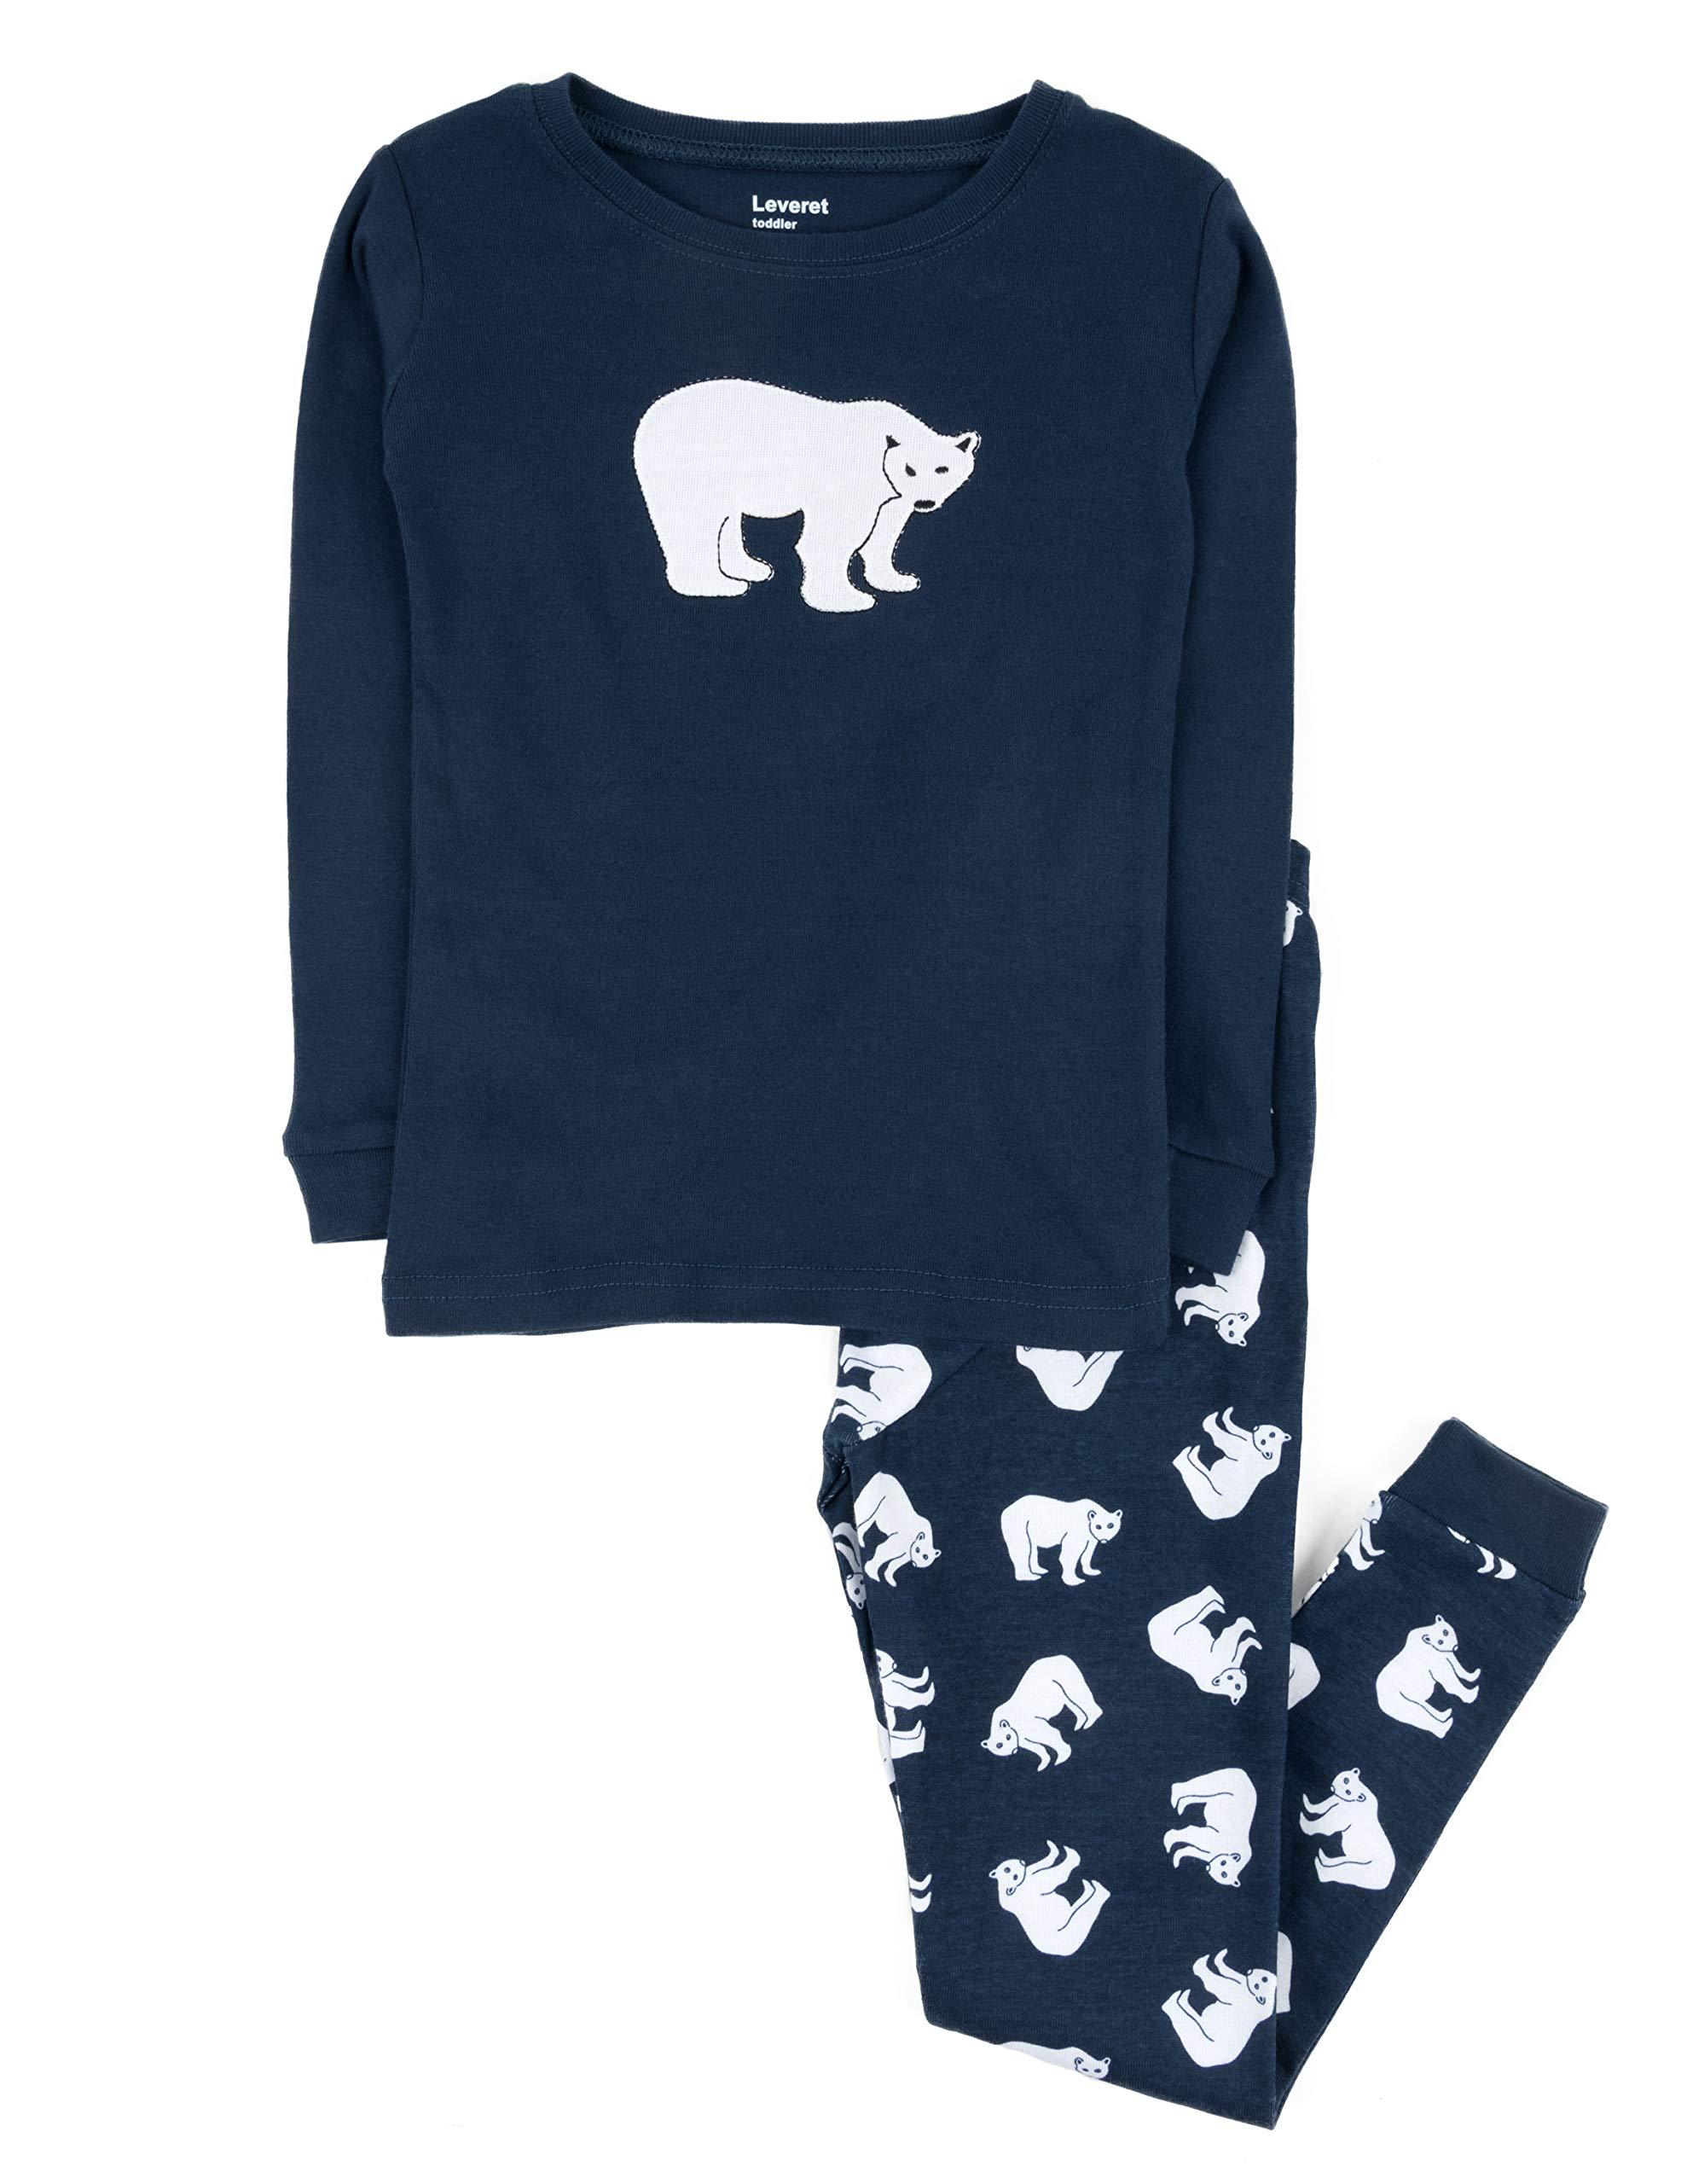 Leveret Kids /& Toddler Pajamas Owl Boys Girls 2 Piece Pjs Set 100/% Cotton Sleepwear 12 Months-14 Years